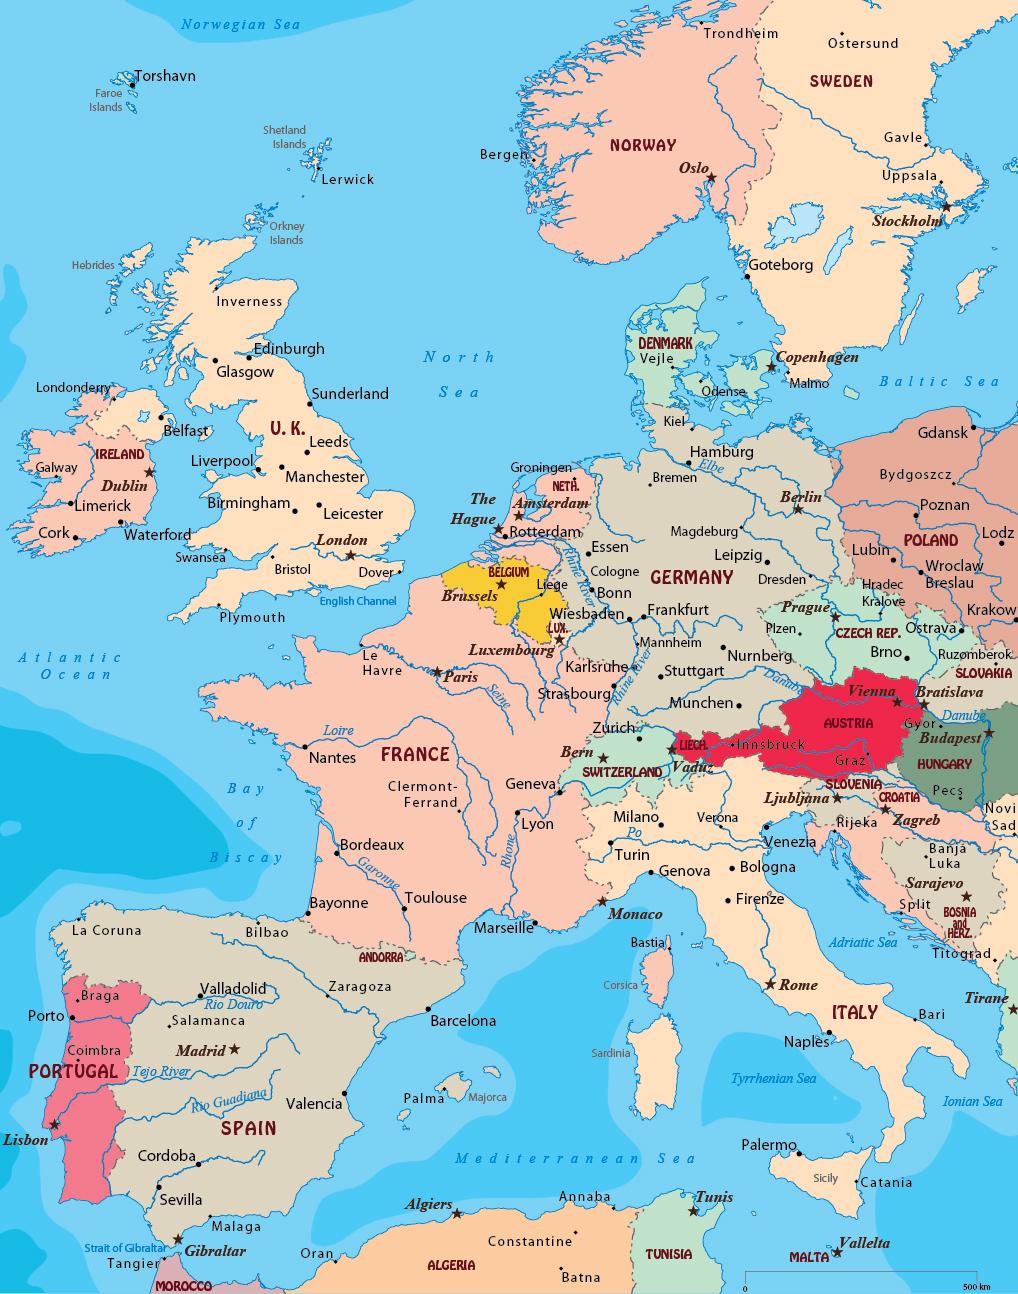 گزارش بازار آلومینیوم در کشورهای اروپای غربی طی ماه سپتامبر